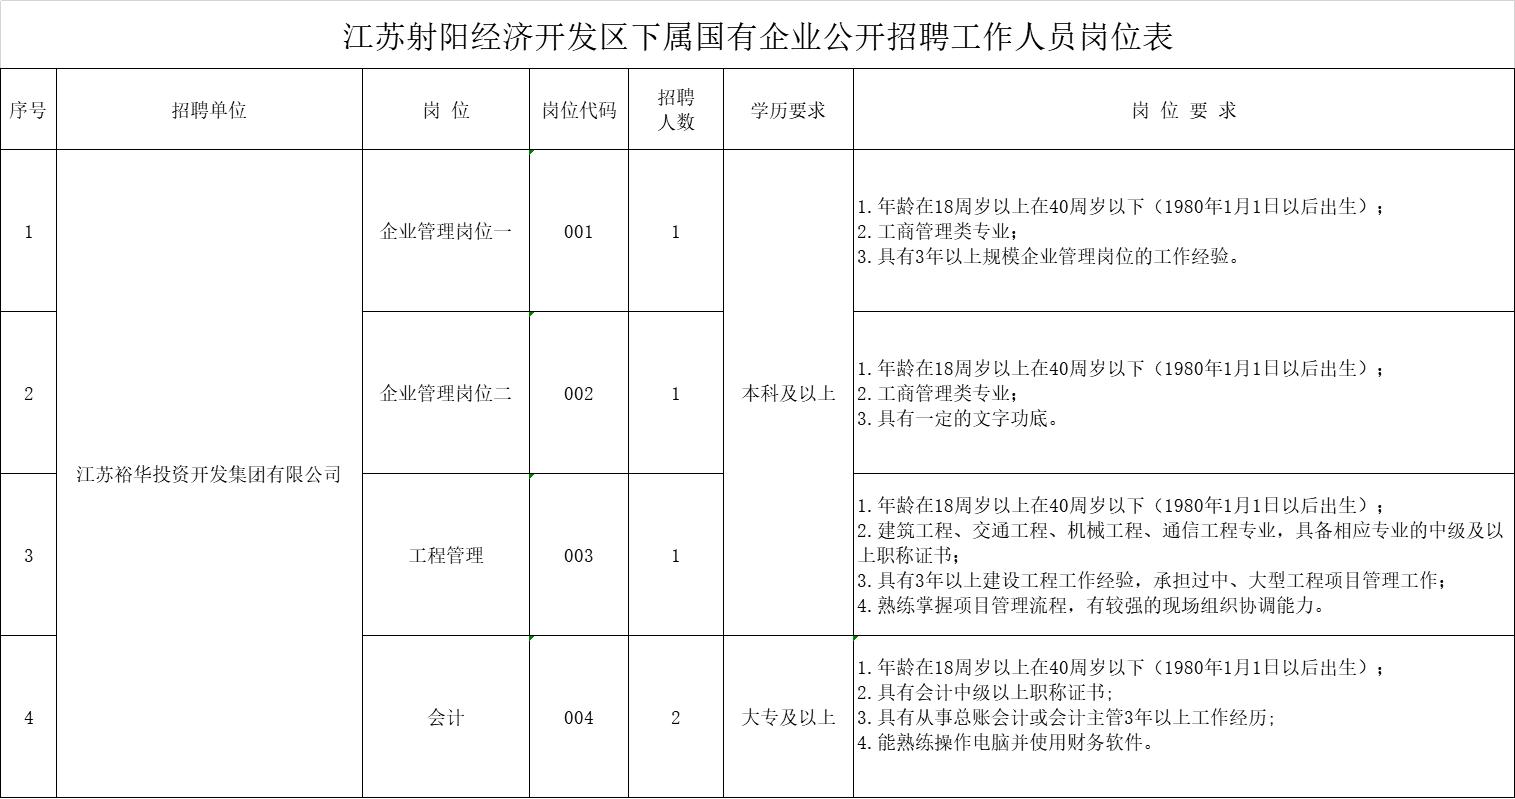 江苏射阳经济开发区下属国有企业公开招聘工作人员岗位表